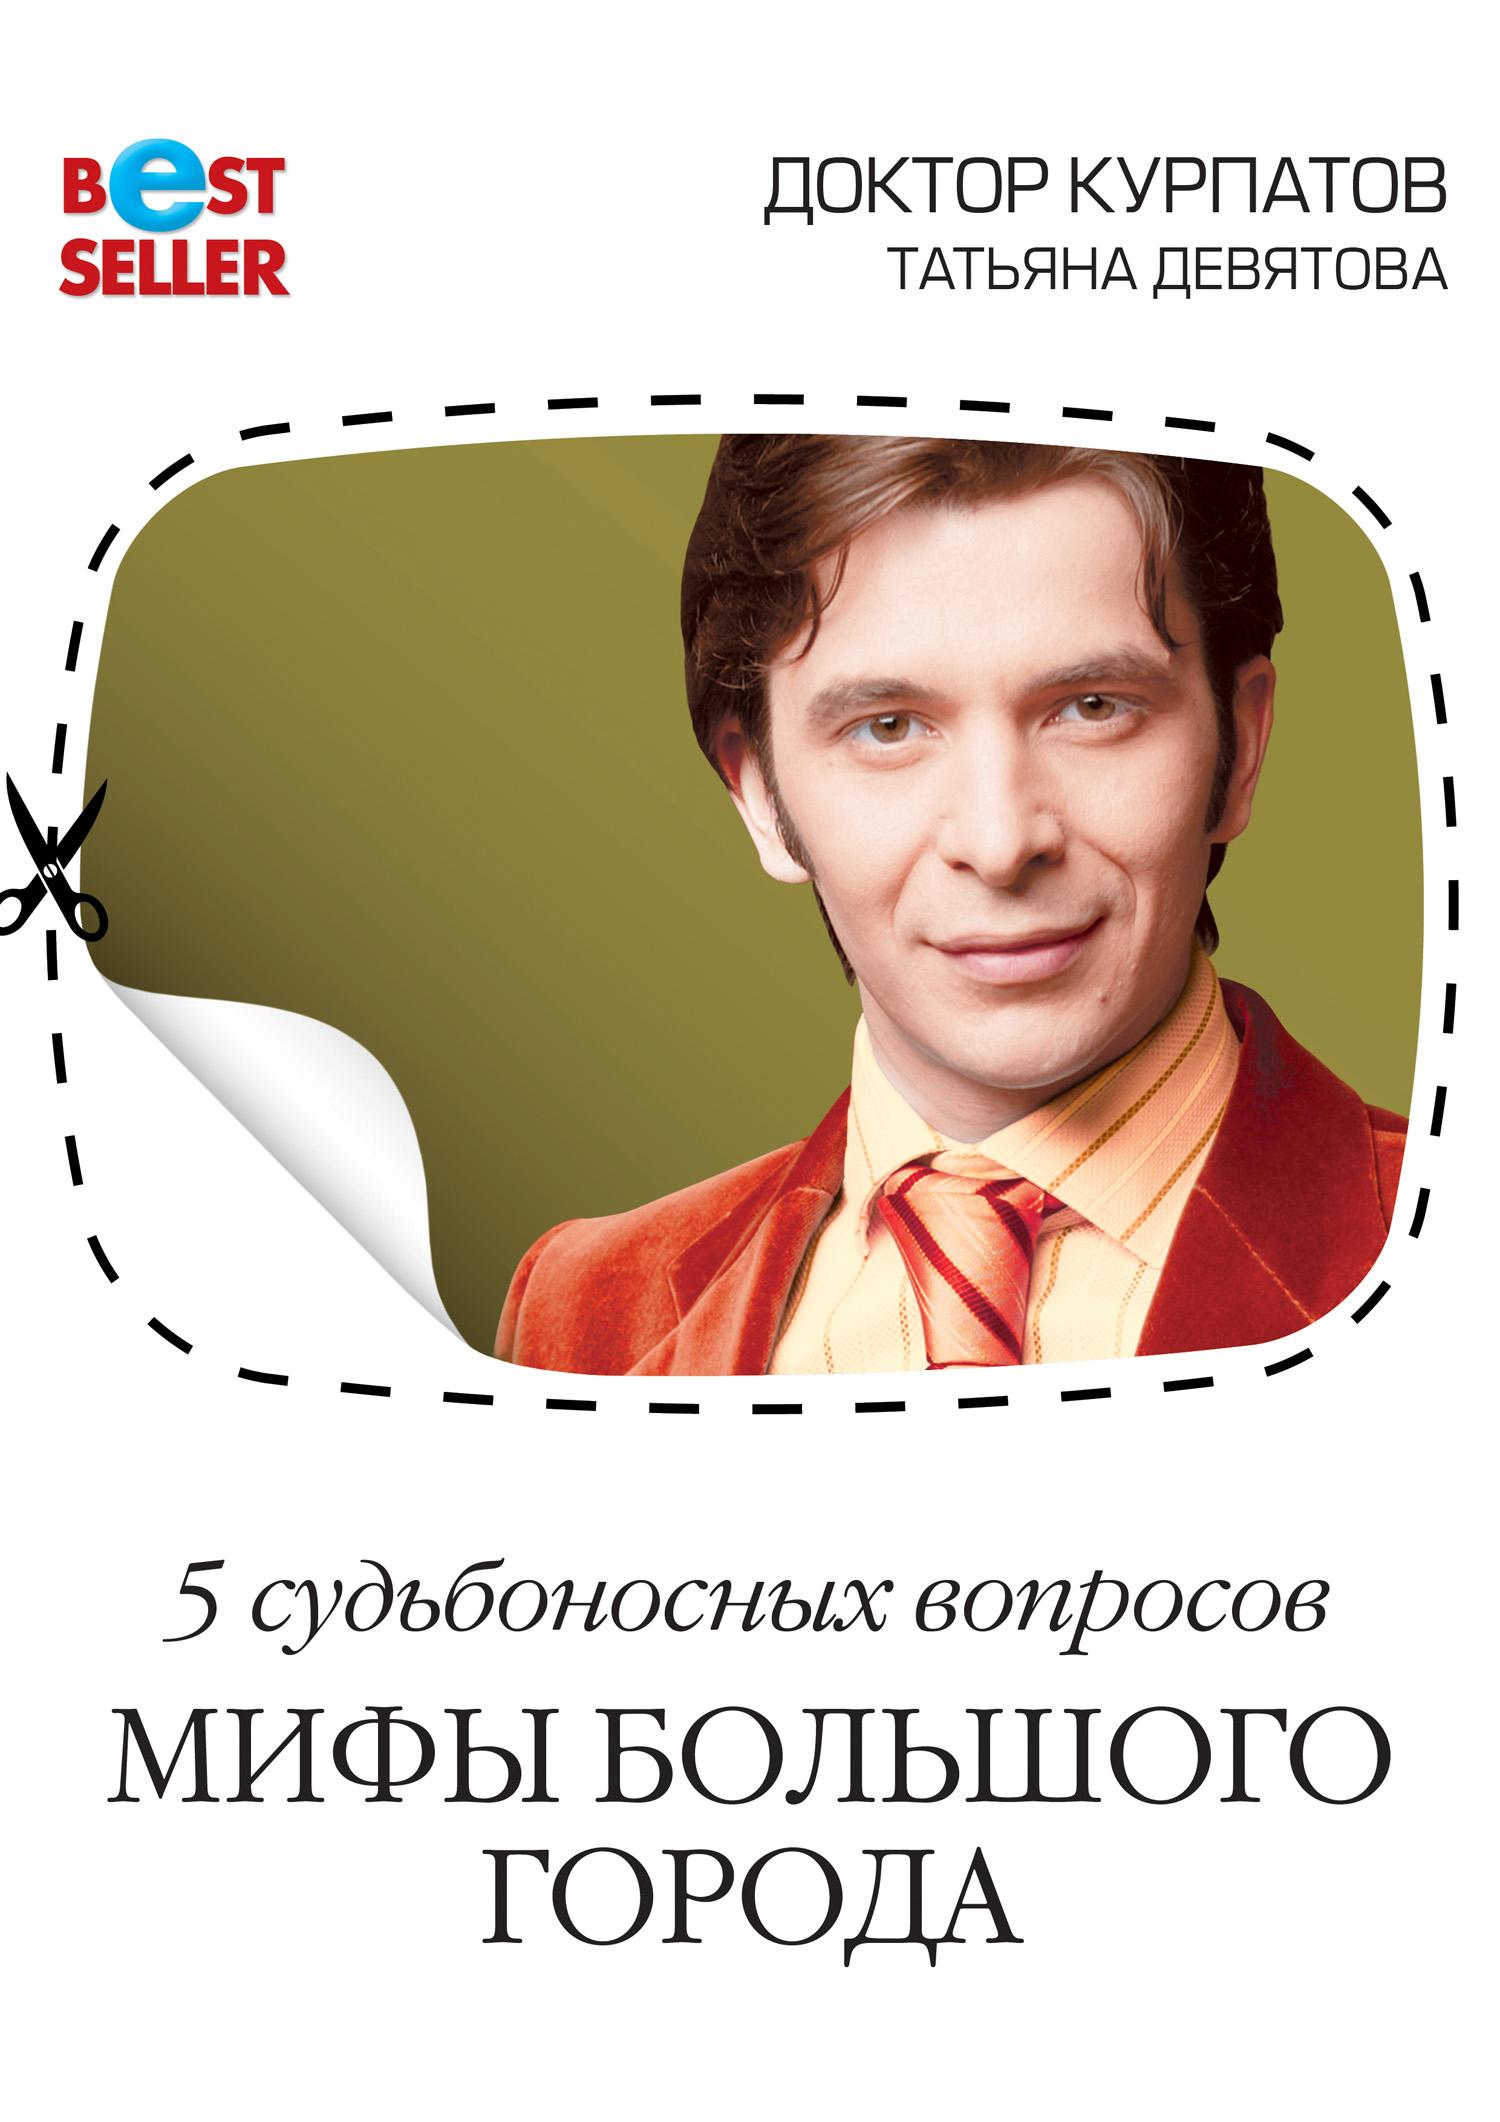 Андрей Курпатов 5 судьбоносных вопросов. Мифы большого города